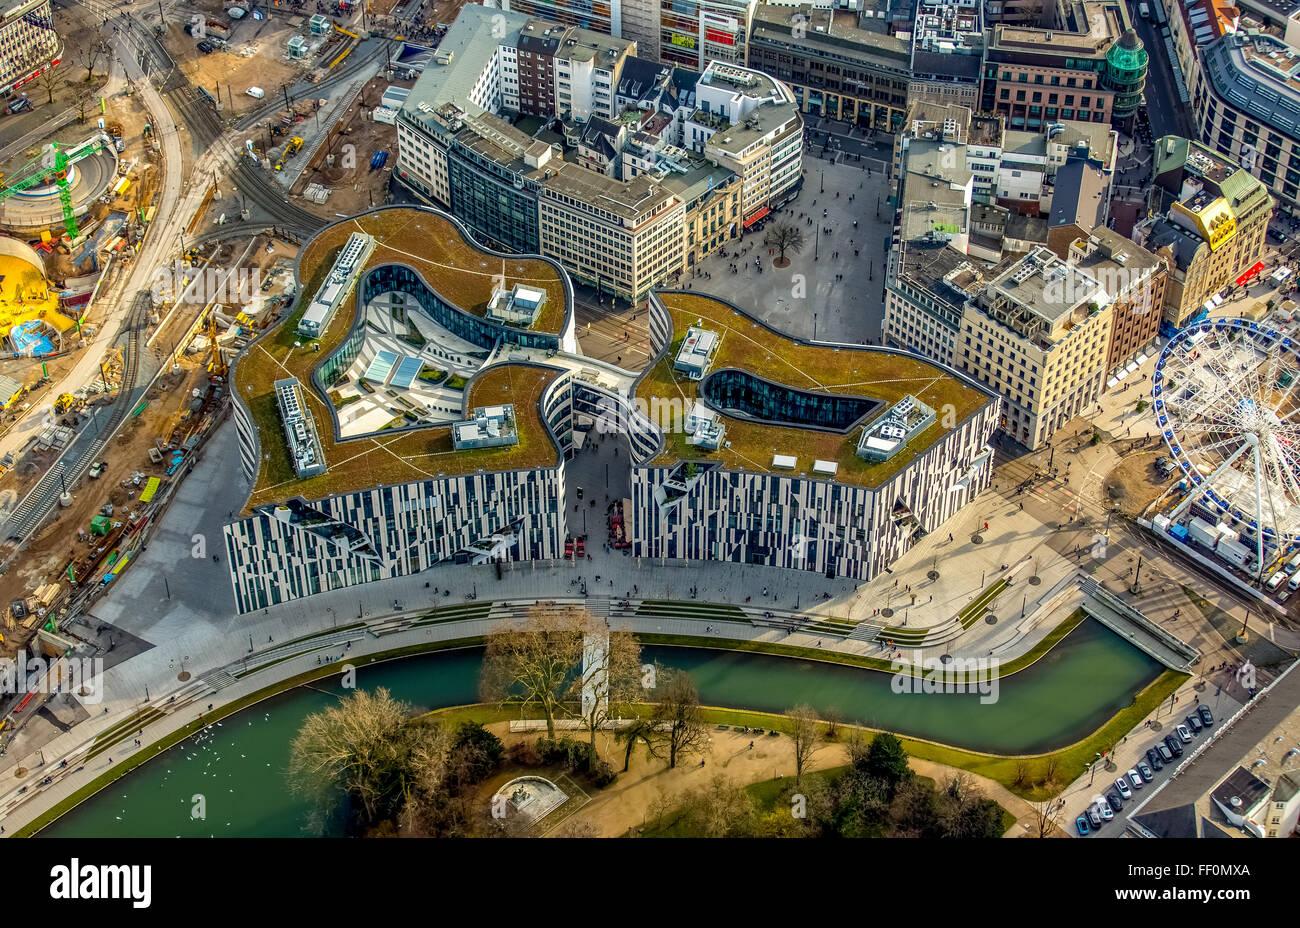 Luftaufnahme Ku00f6-Bogen Mall Du00fcsseldorf Porsche Zentrum Apple Store Breuninger Neue K-Bogen ...